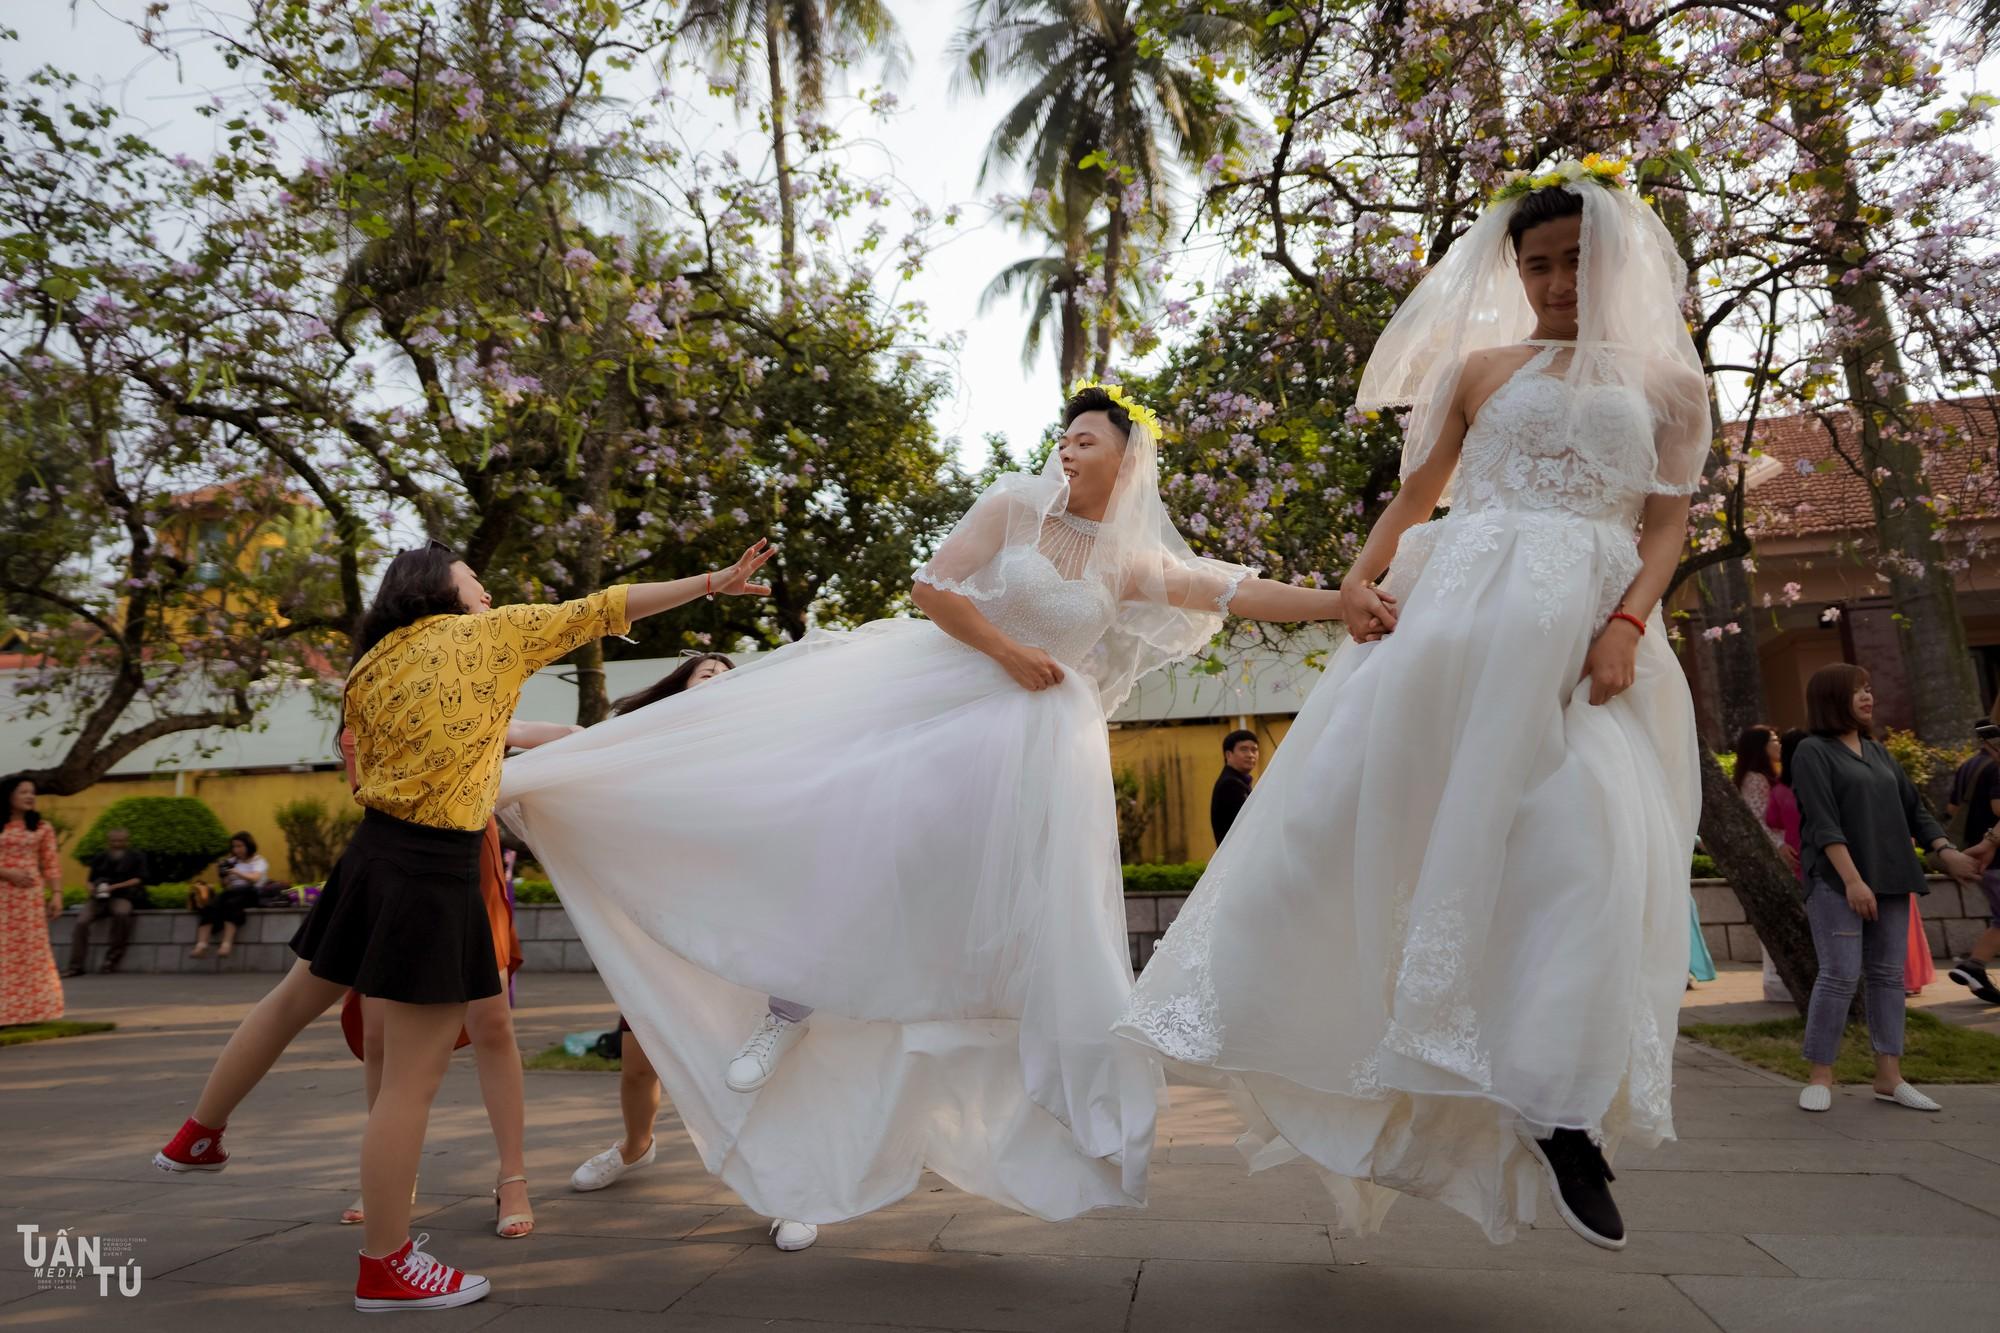 Lớp có mỗi 3 thằng con trai, hôm chụp kỷ yếu mặc váy cô dâu và ra đời bộ ảnh chất thế này đây - Ảnh 8.